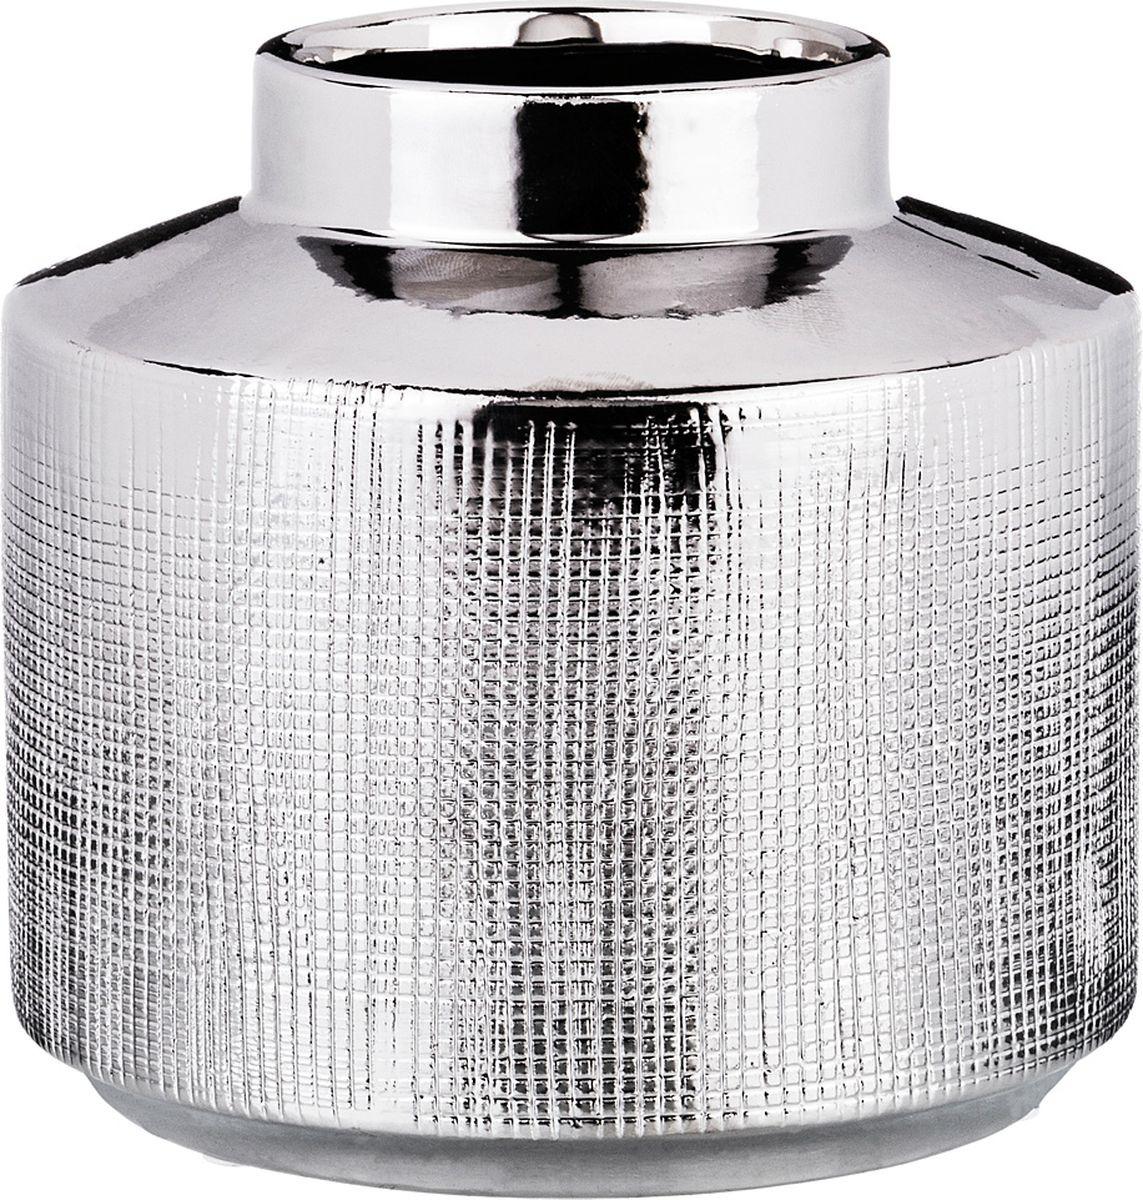 Ваза Lefard, цвет: серебристый, 13 х 13 х 12 см lefard ваза shena 30 см